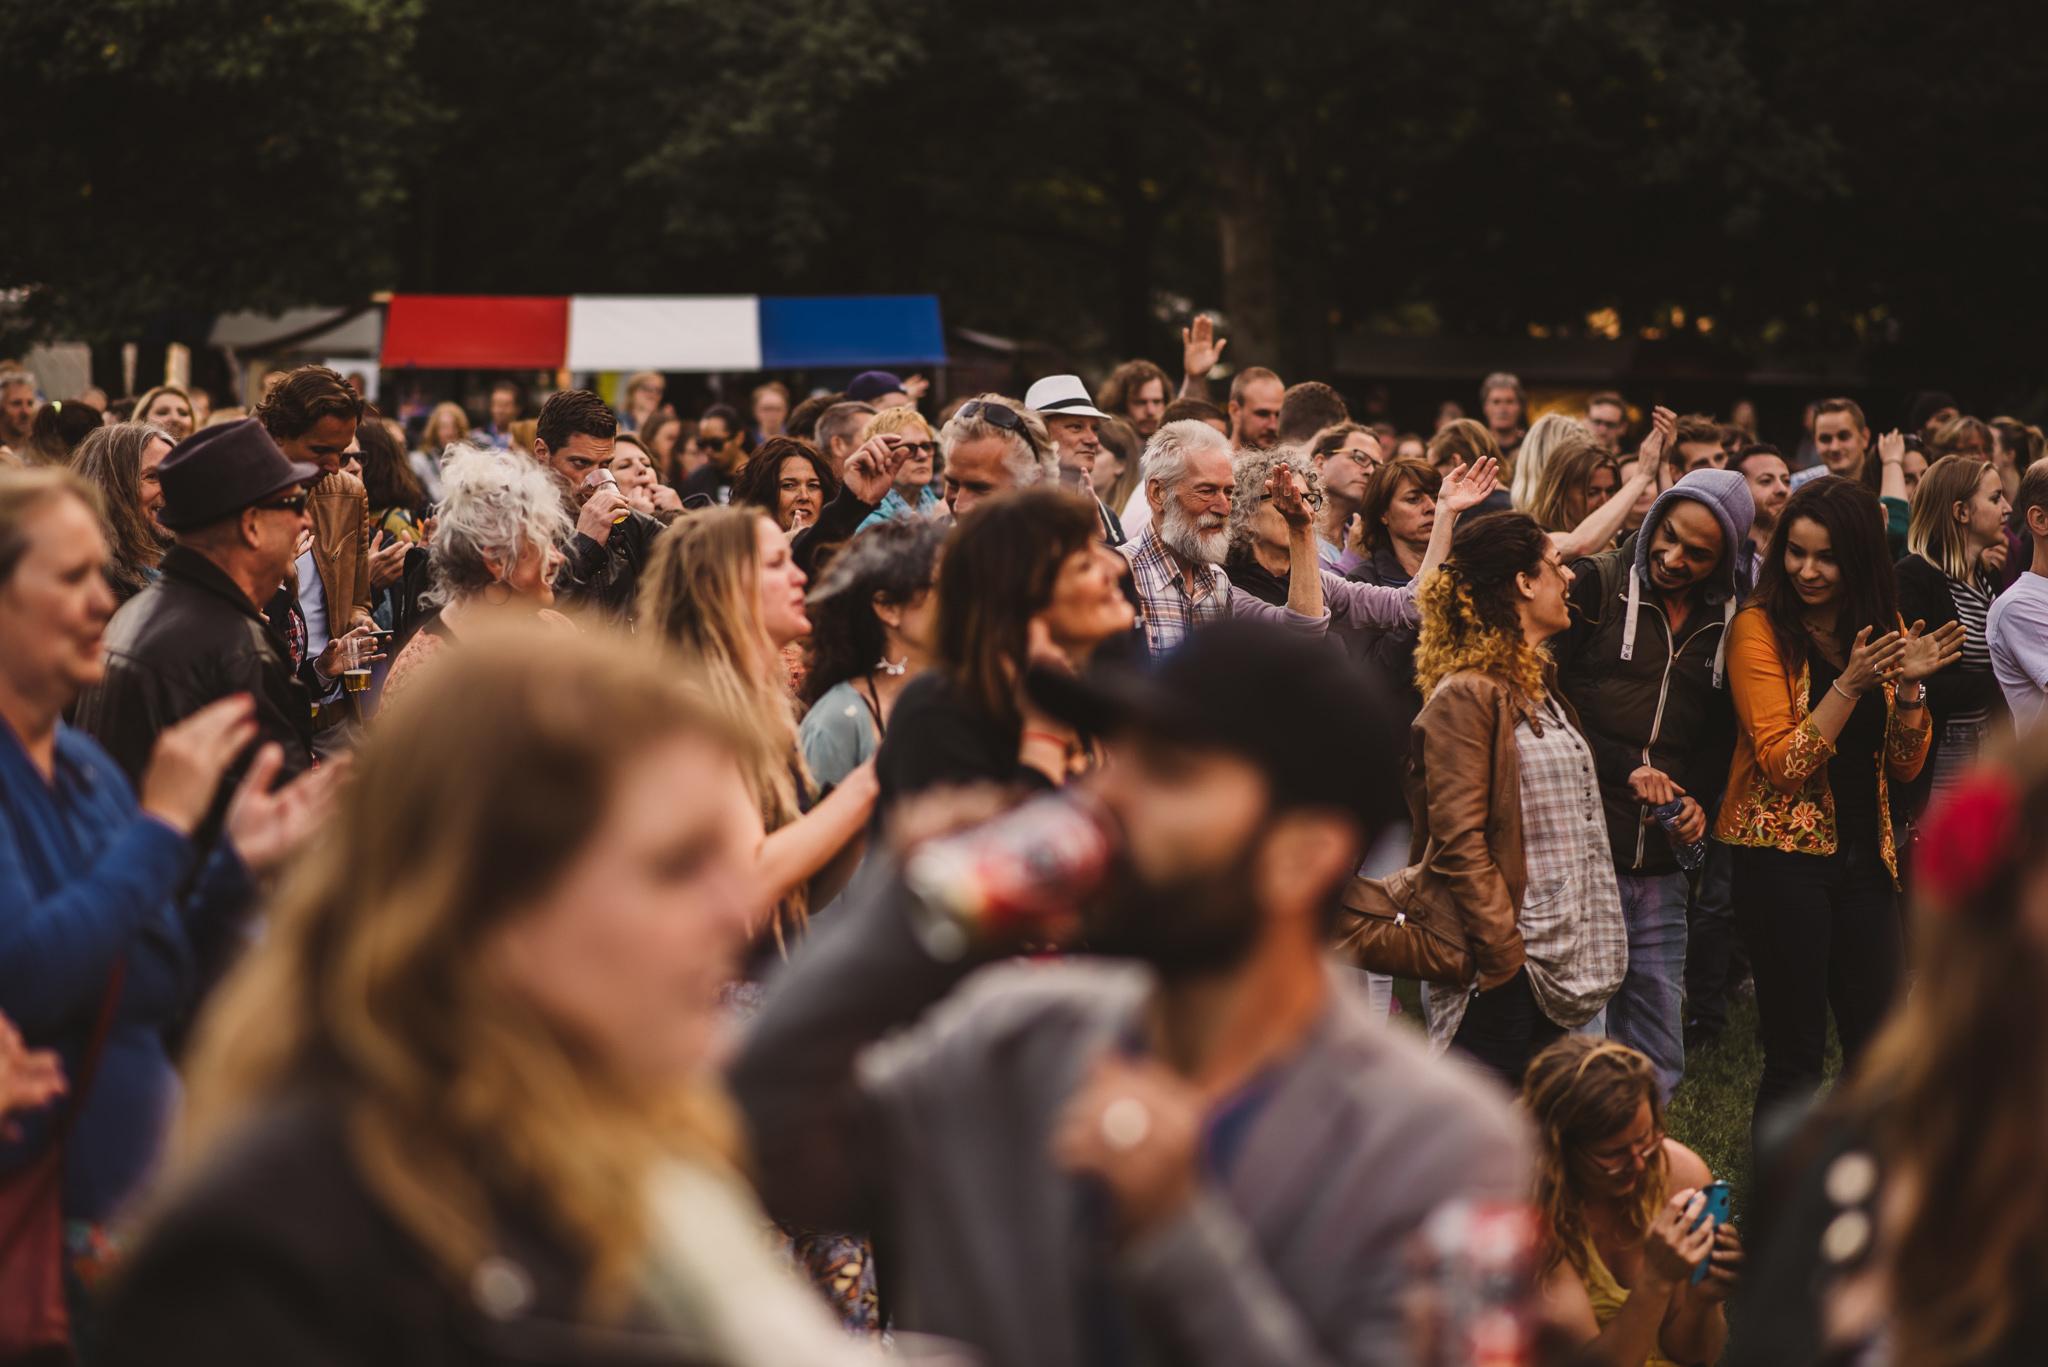 houtfestival-blog-7052.jpg